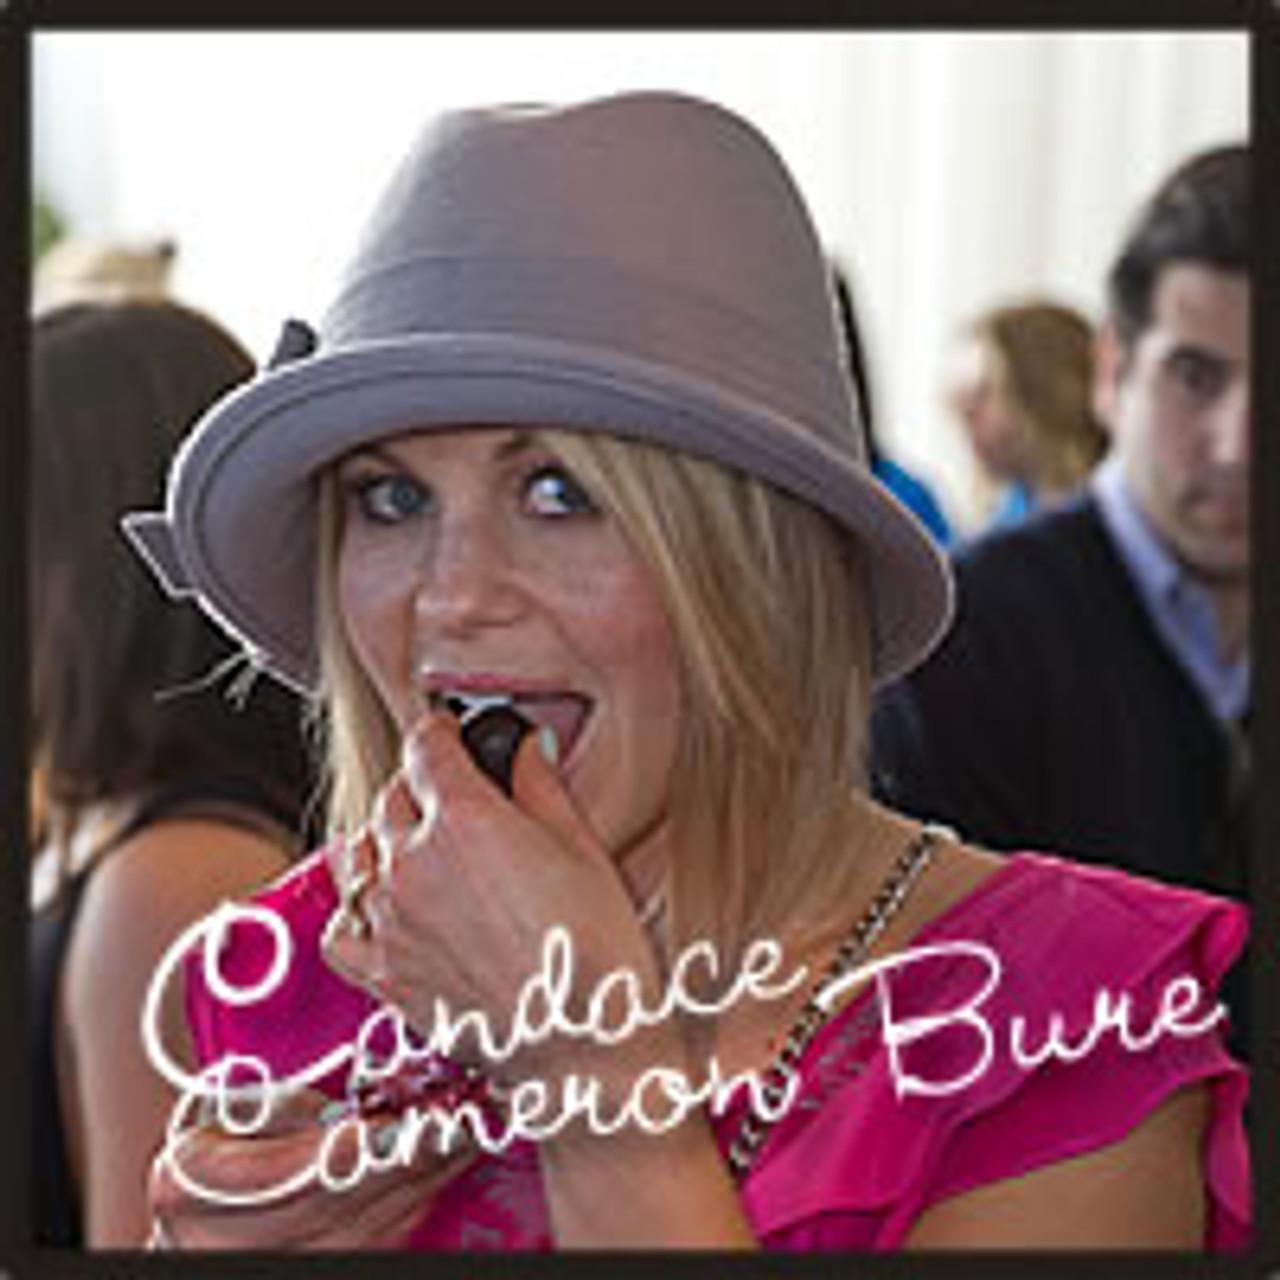 Candace C Bure